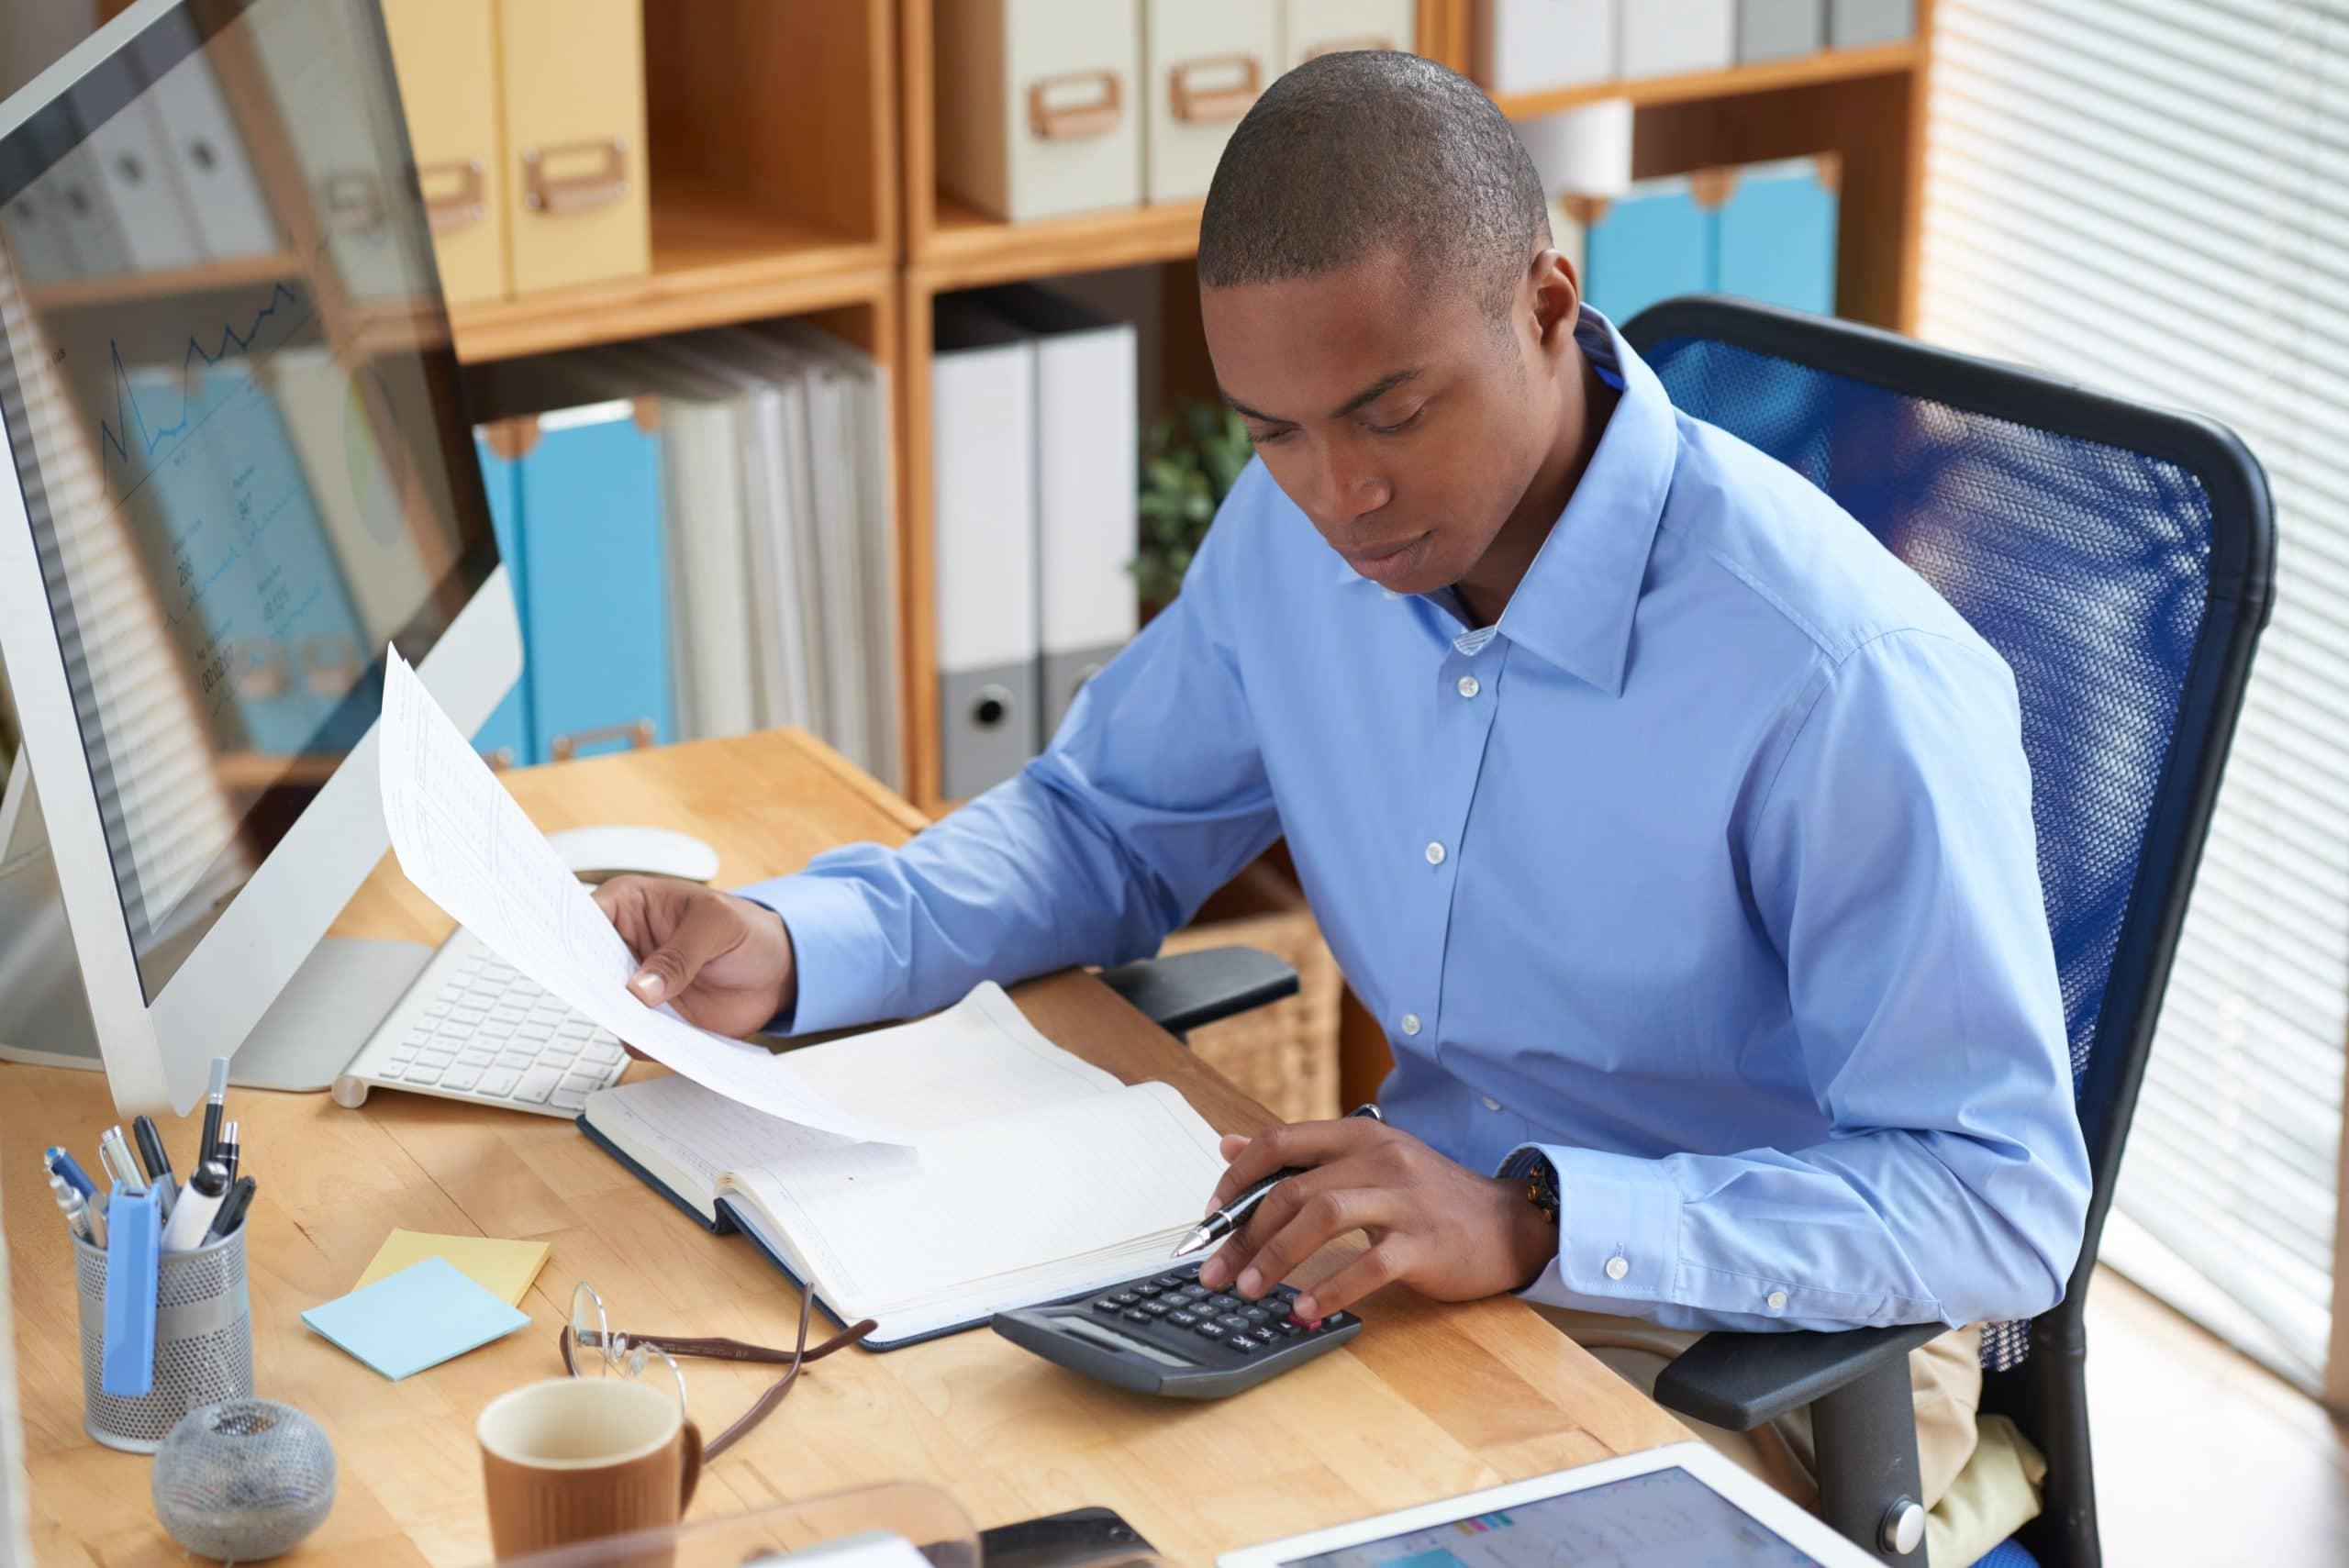 A contabilidade digital permite que o contador e o cliente tenham acesso a informações sobre a empresa de modo mais rápido e seguro, do que com a contabilidade tradicional.